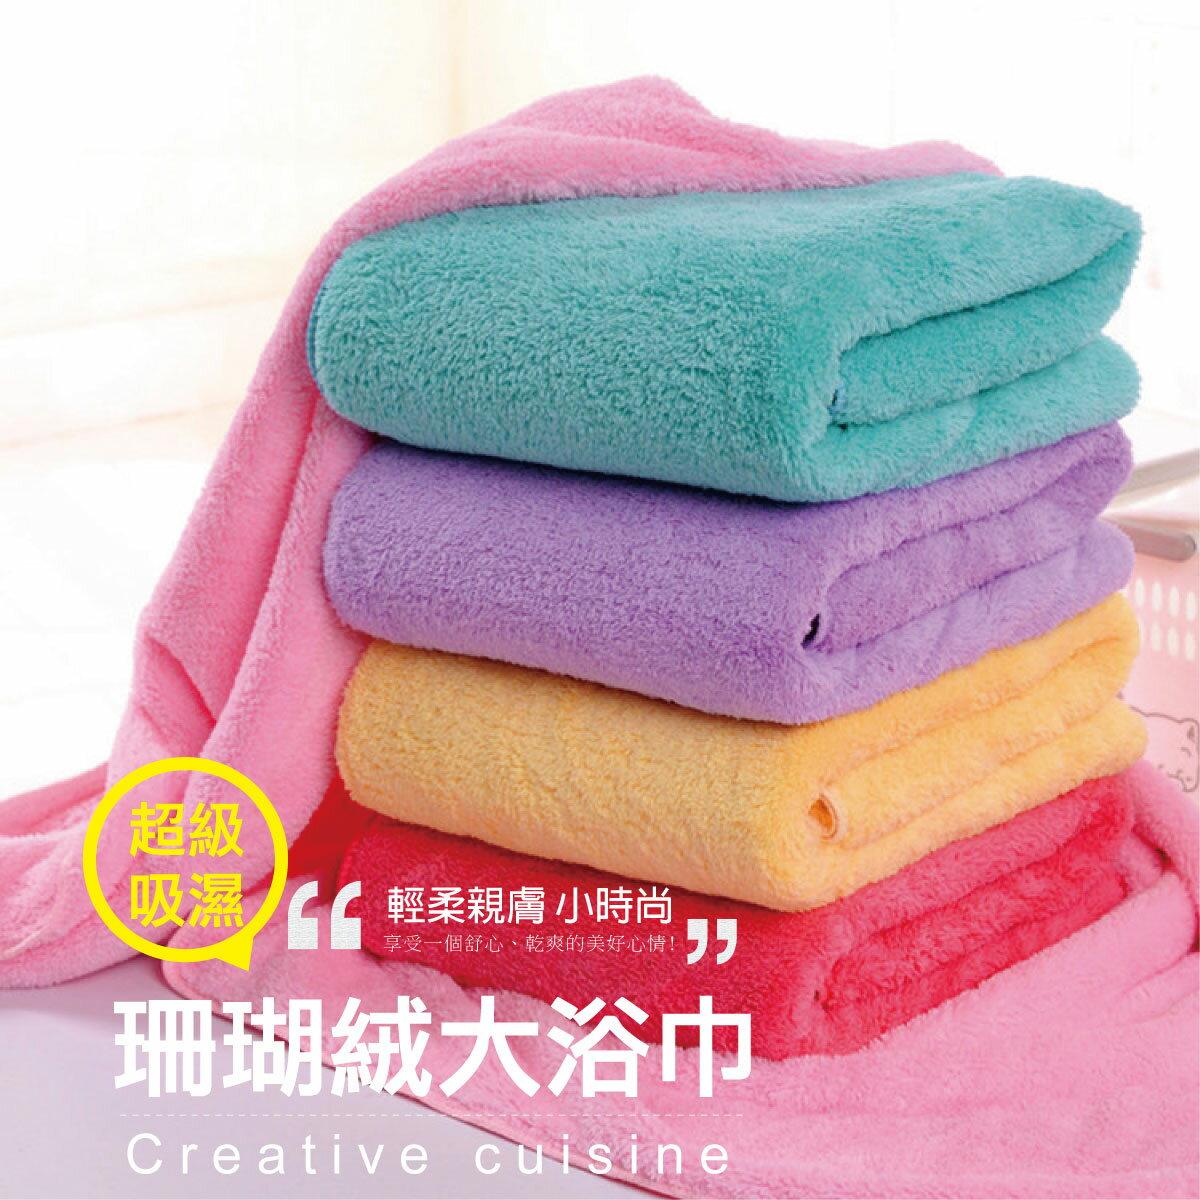 超吸水珊瑚絨 大浴巾【HB-020】浴巾 毛巾 浴袍 柔軟好吸水